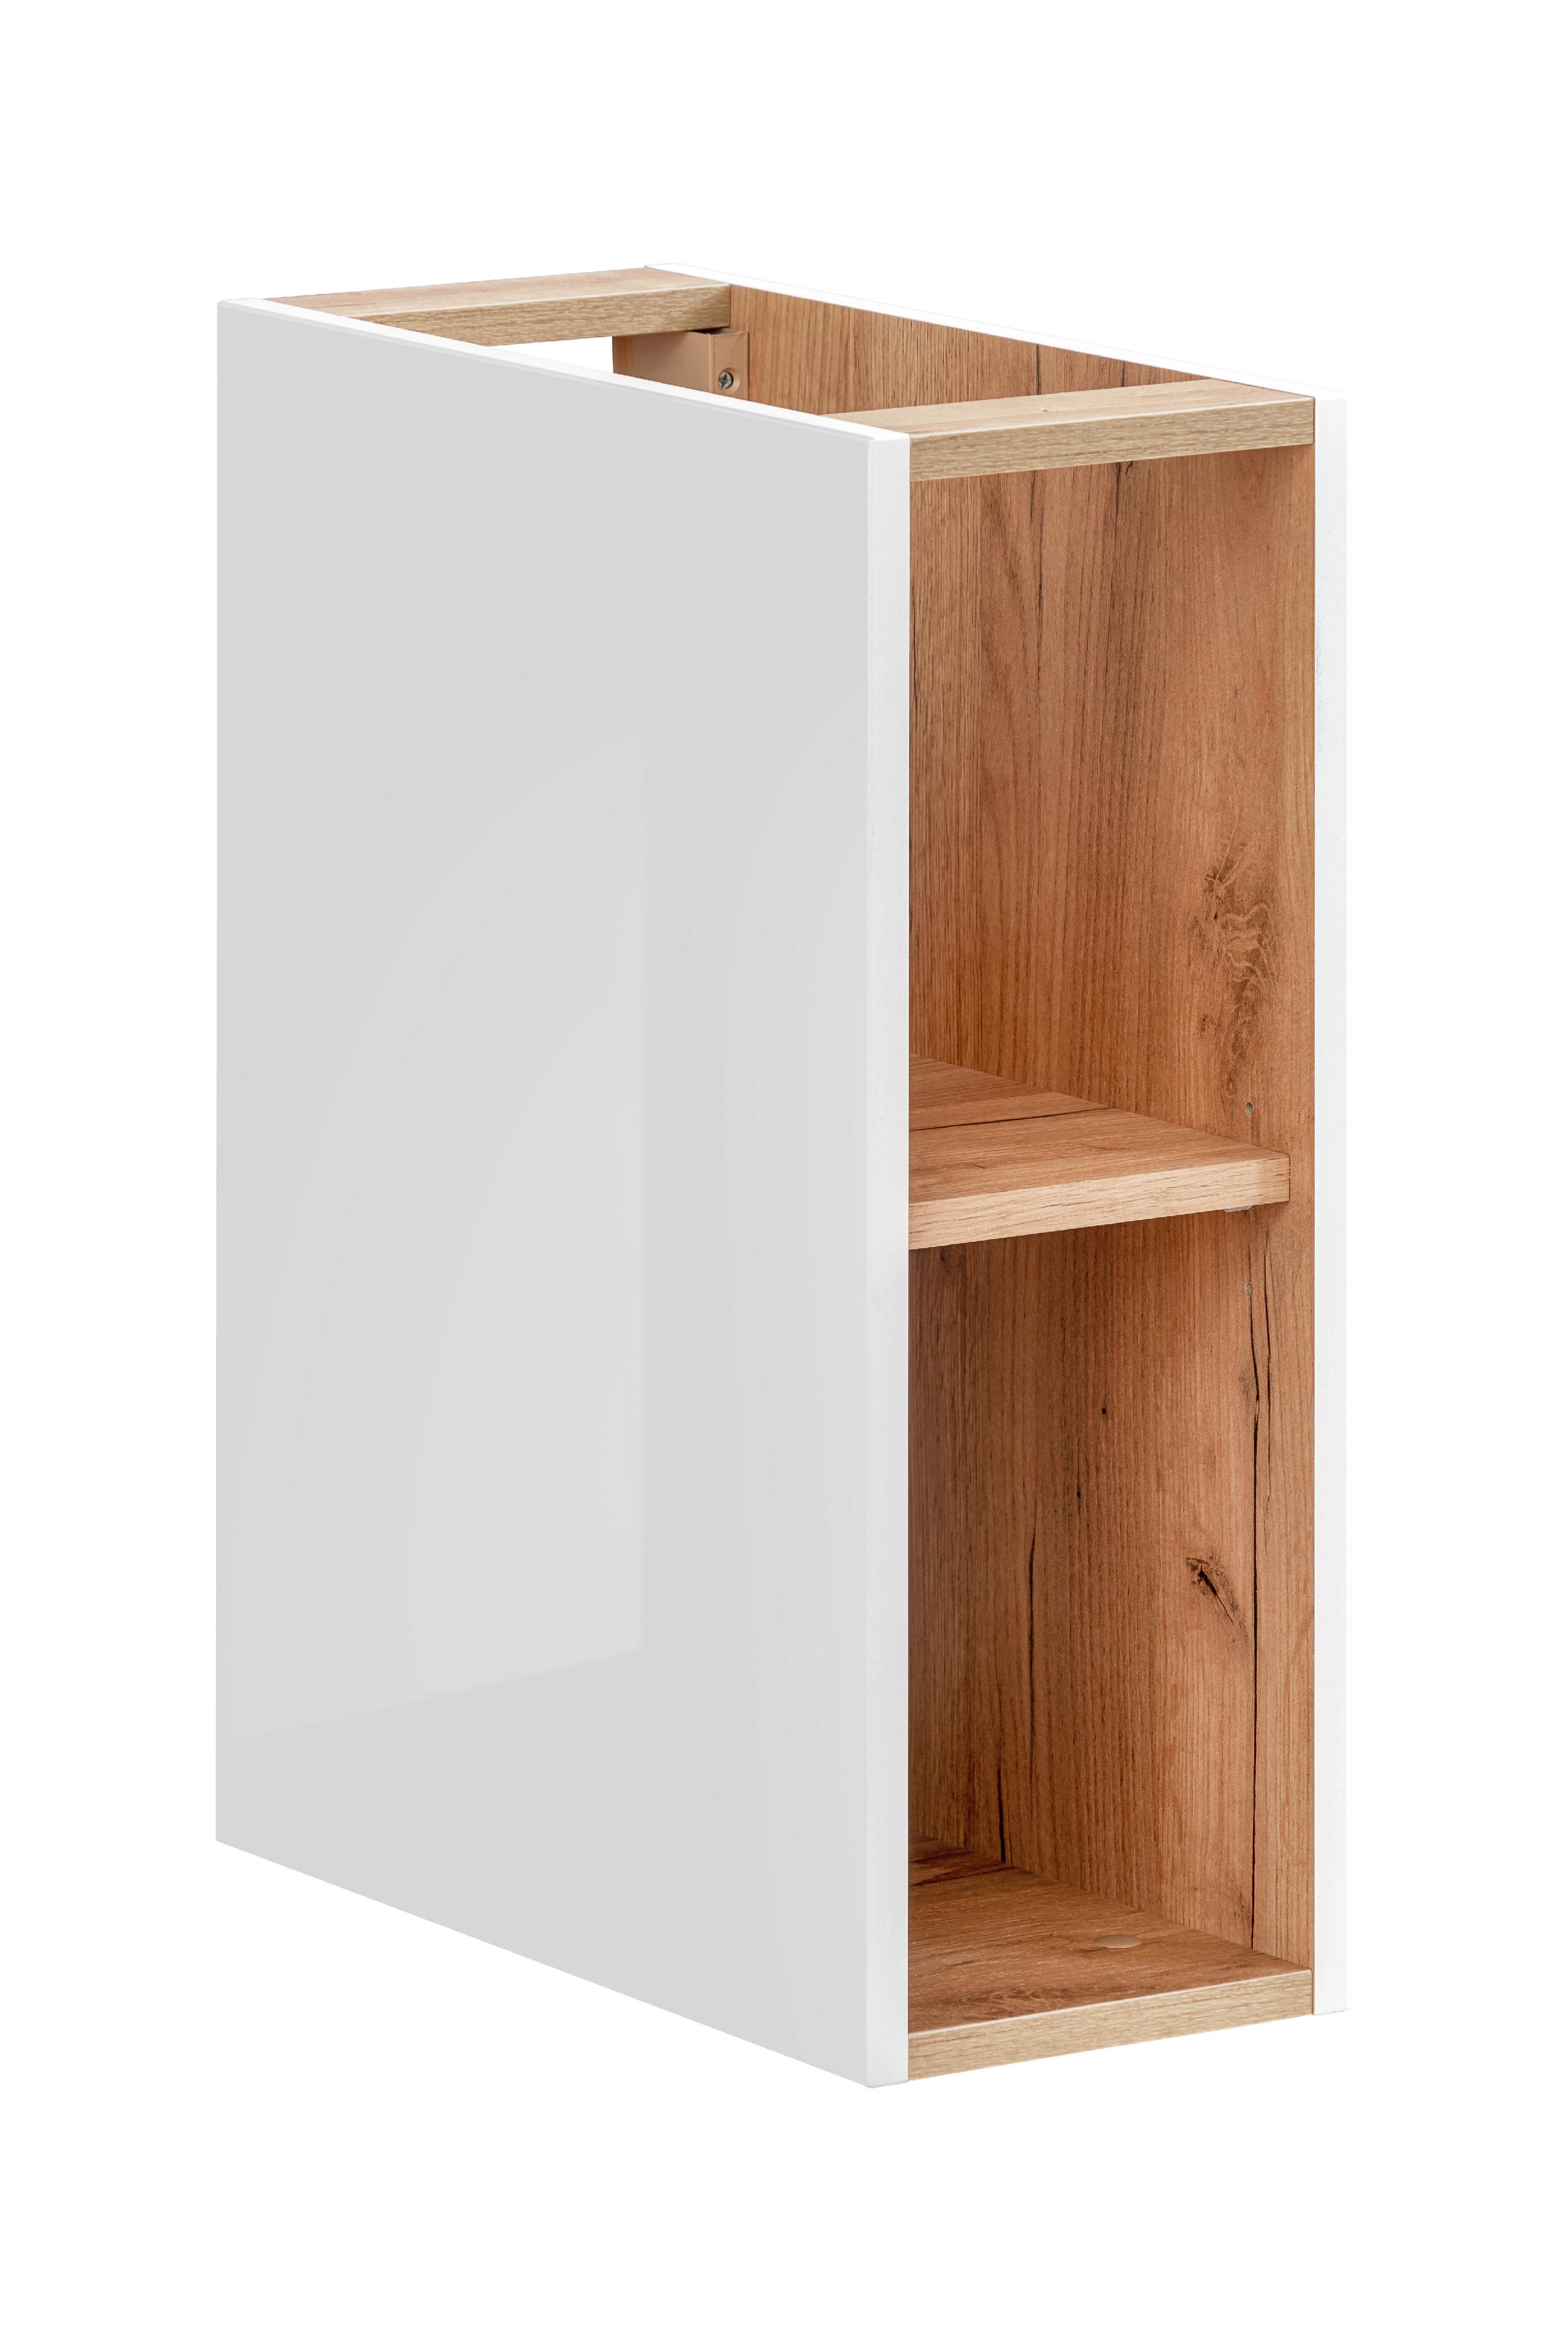 ArtCom Kúpeľňová zostava Capri   biela Capri   biela: Nízka spodná skrinka 810